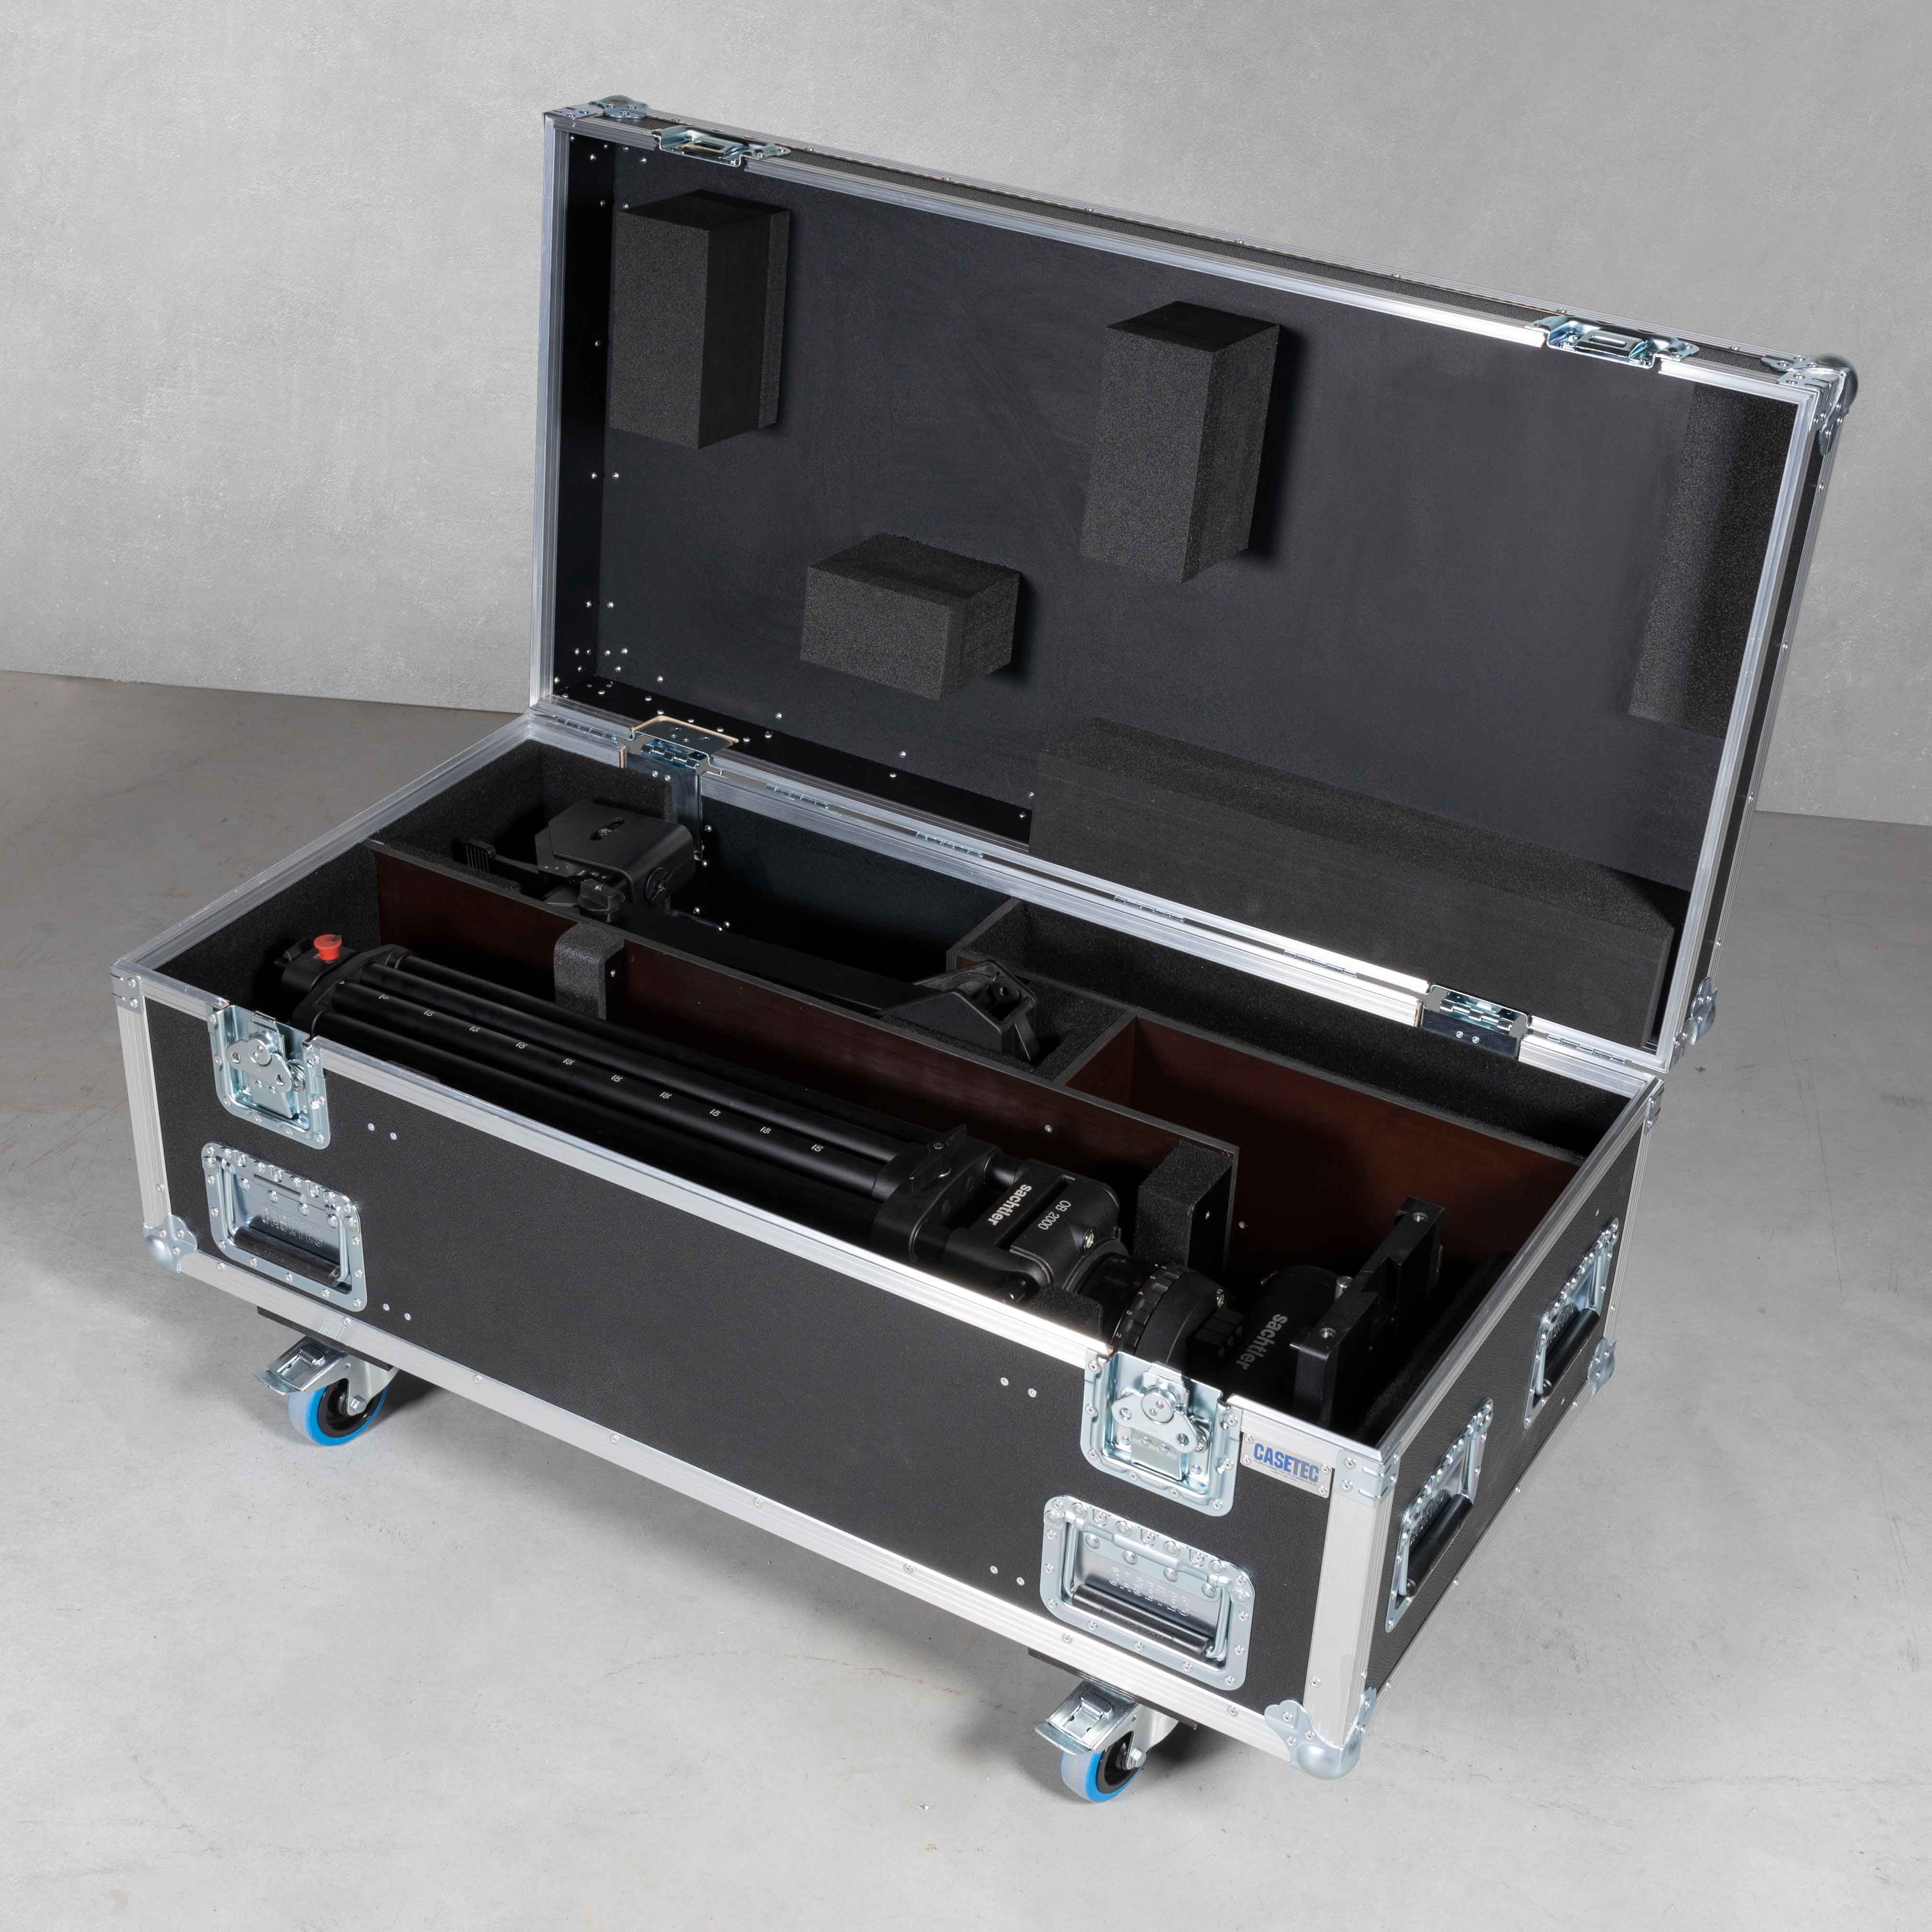 Flightcase für 1x Sachtler OB2000 Stativ mit mont. Kopf Video 90 + Rollspinne Sachtler XL